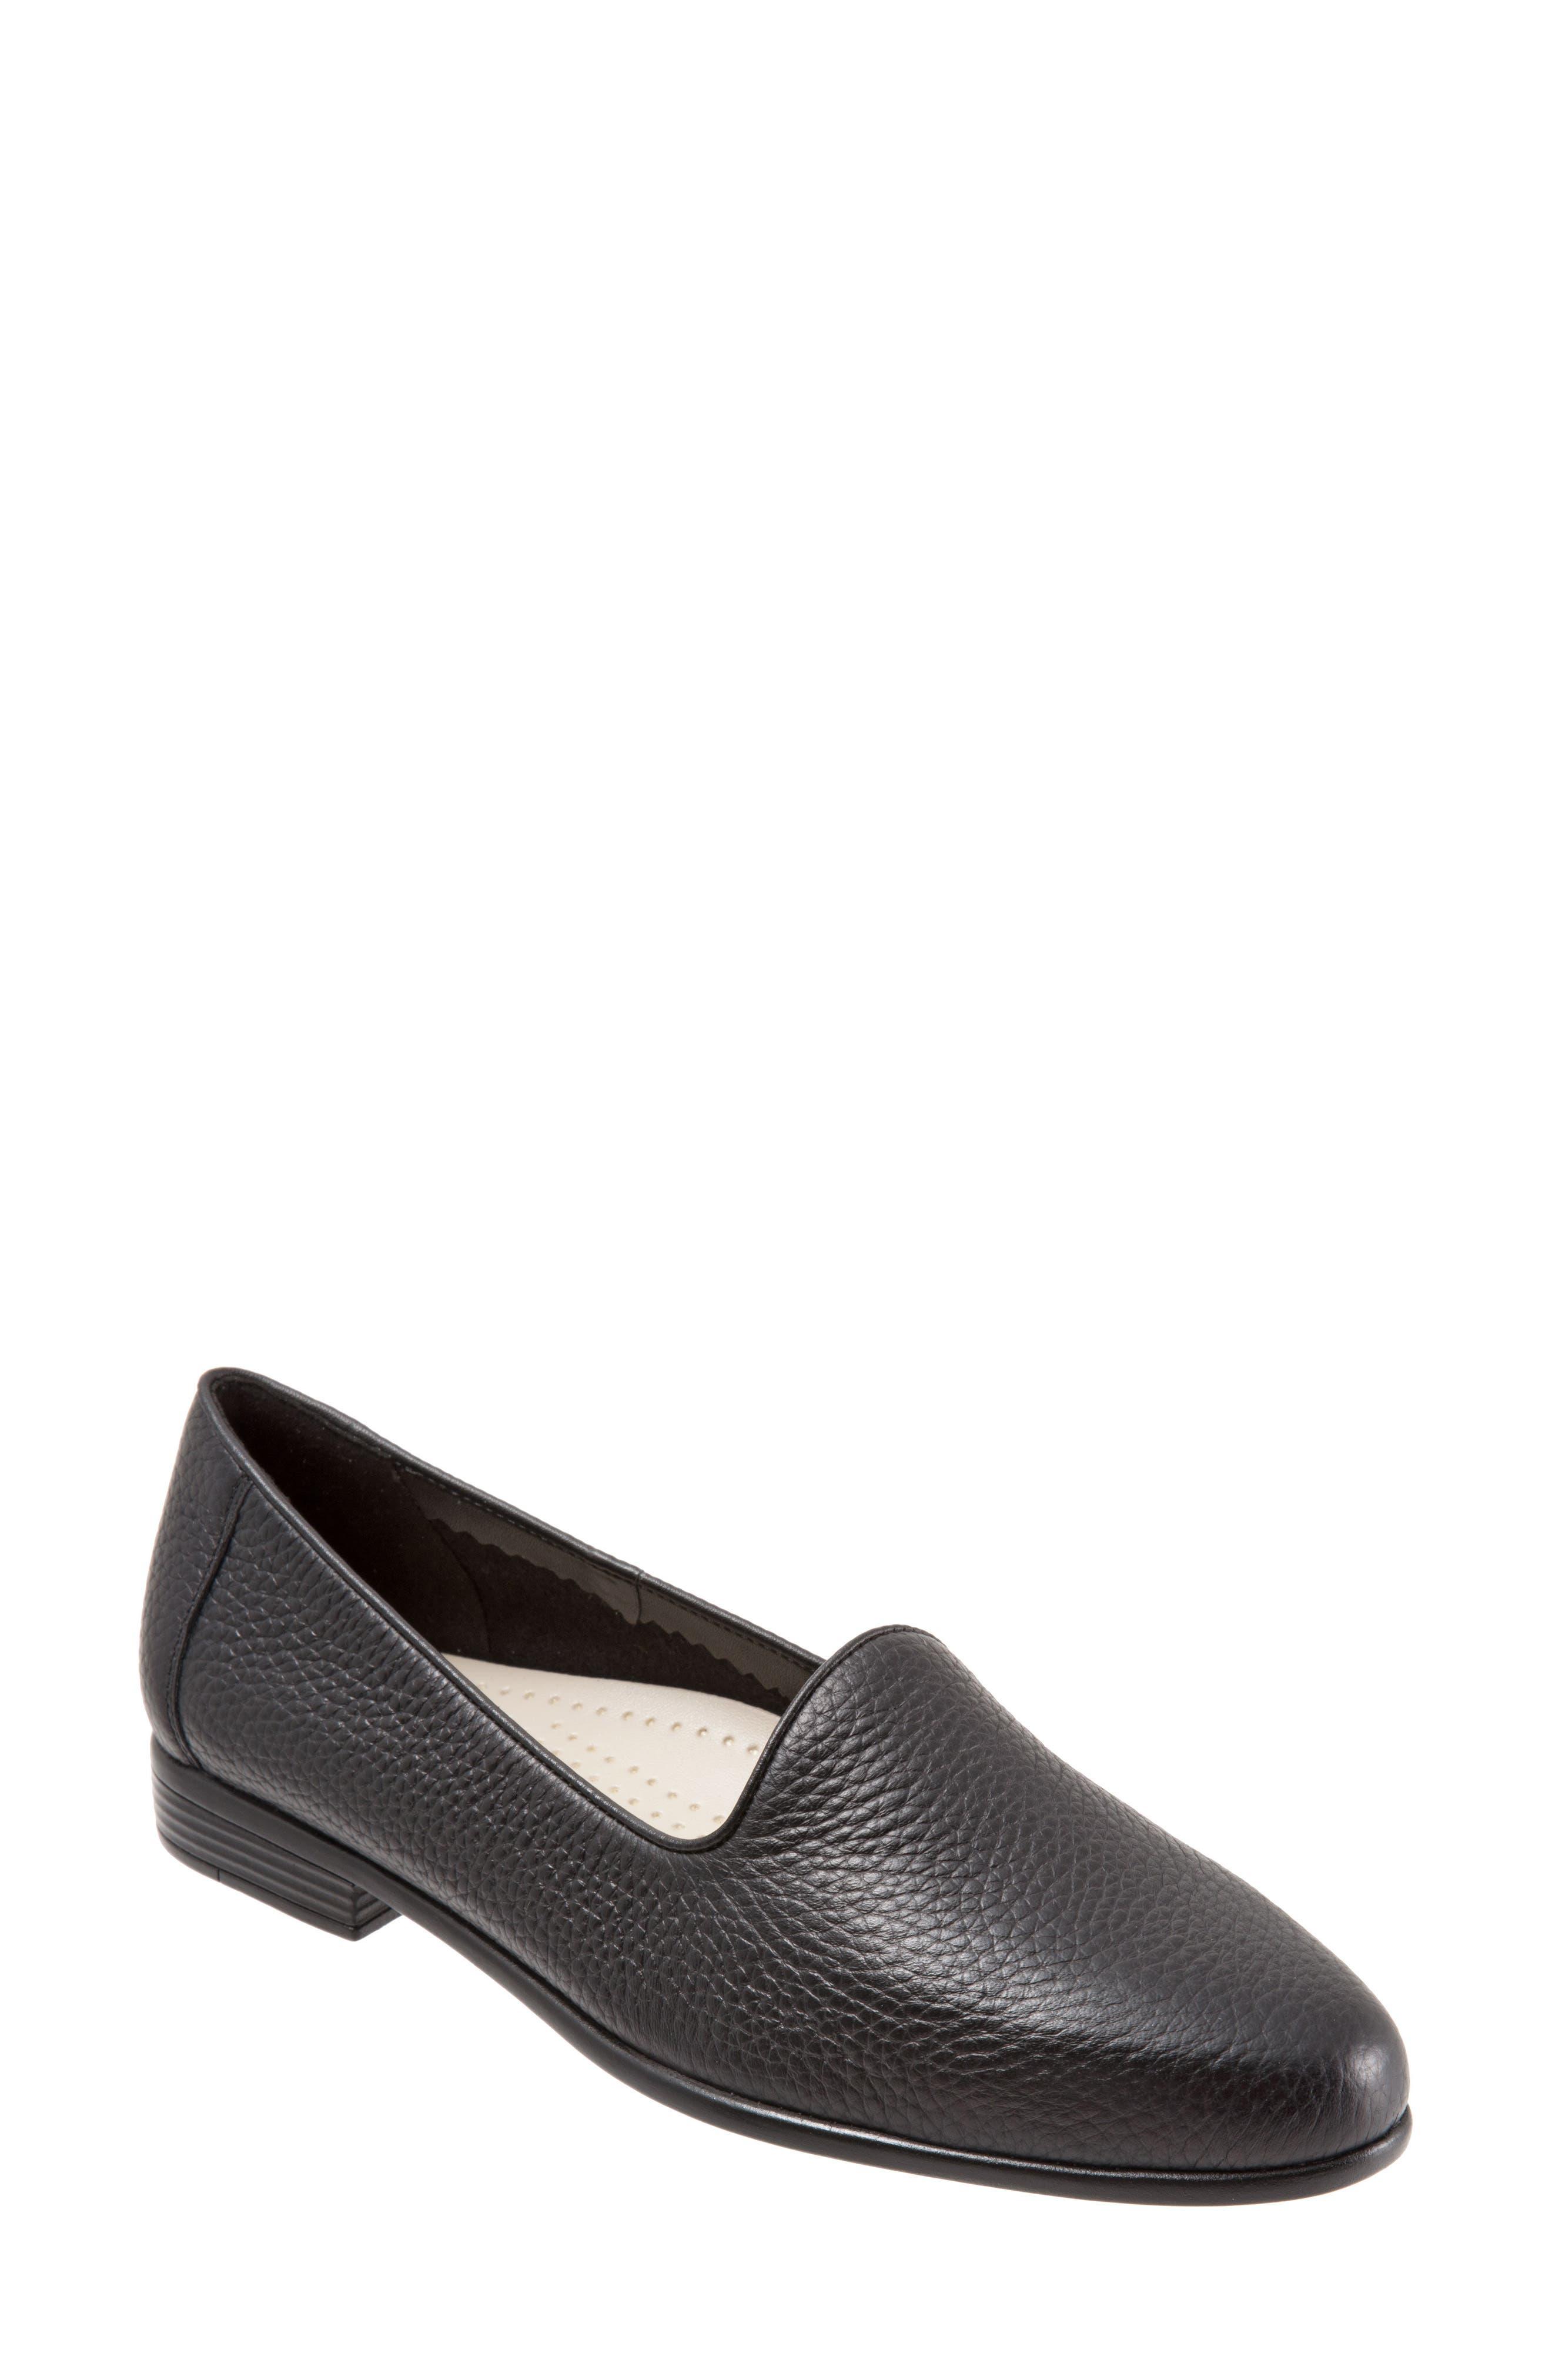 Liz Loafer,                         Main,                         color, Black Leather